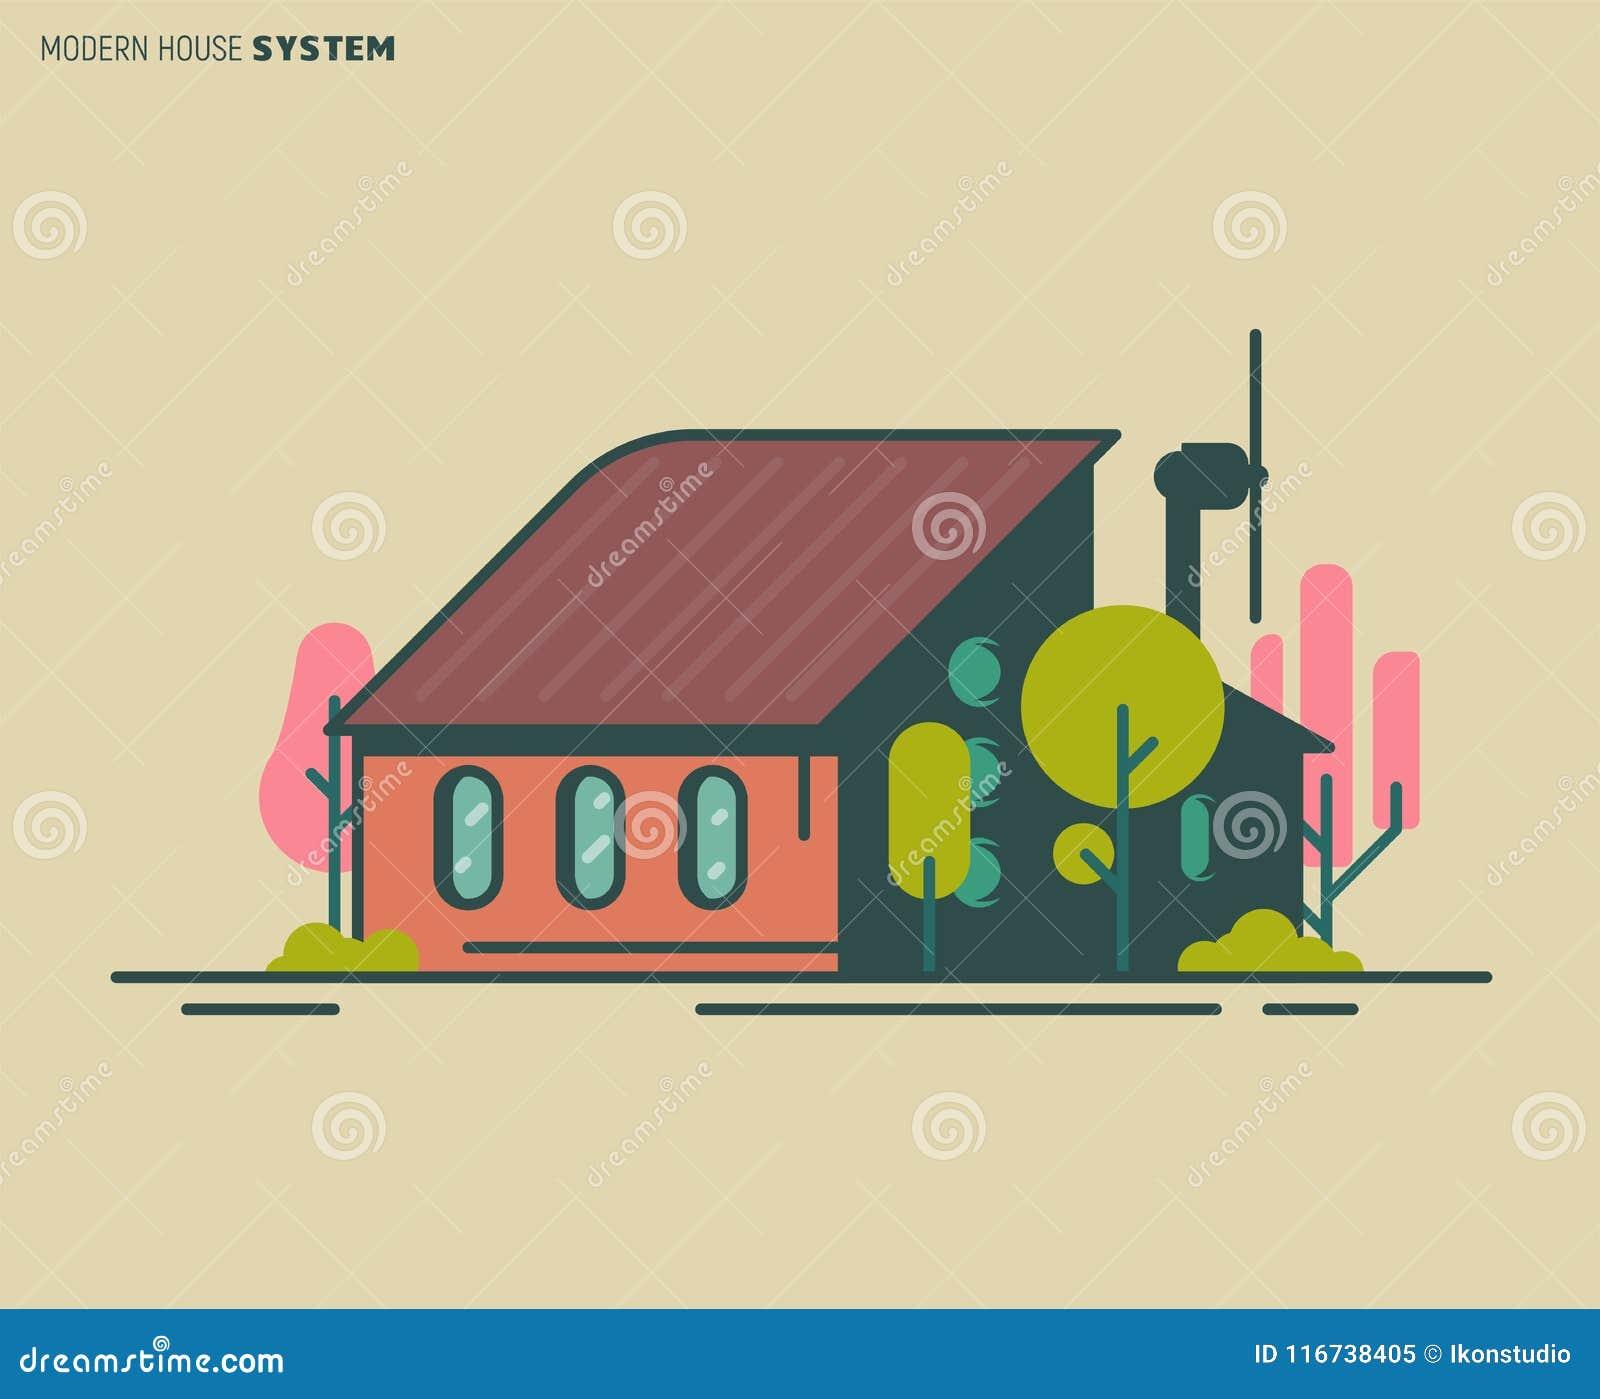 Illustrazione moderna della casa